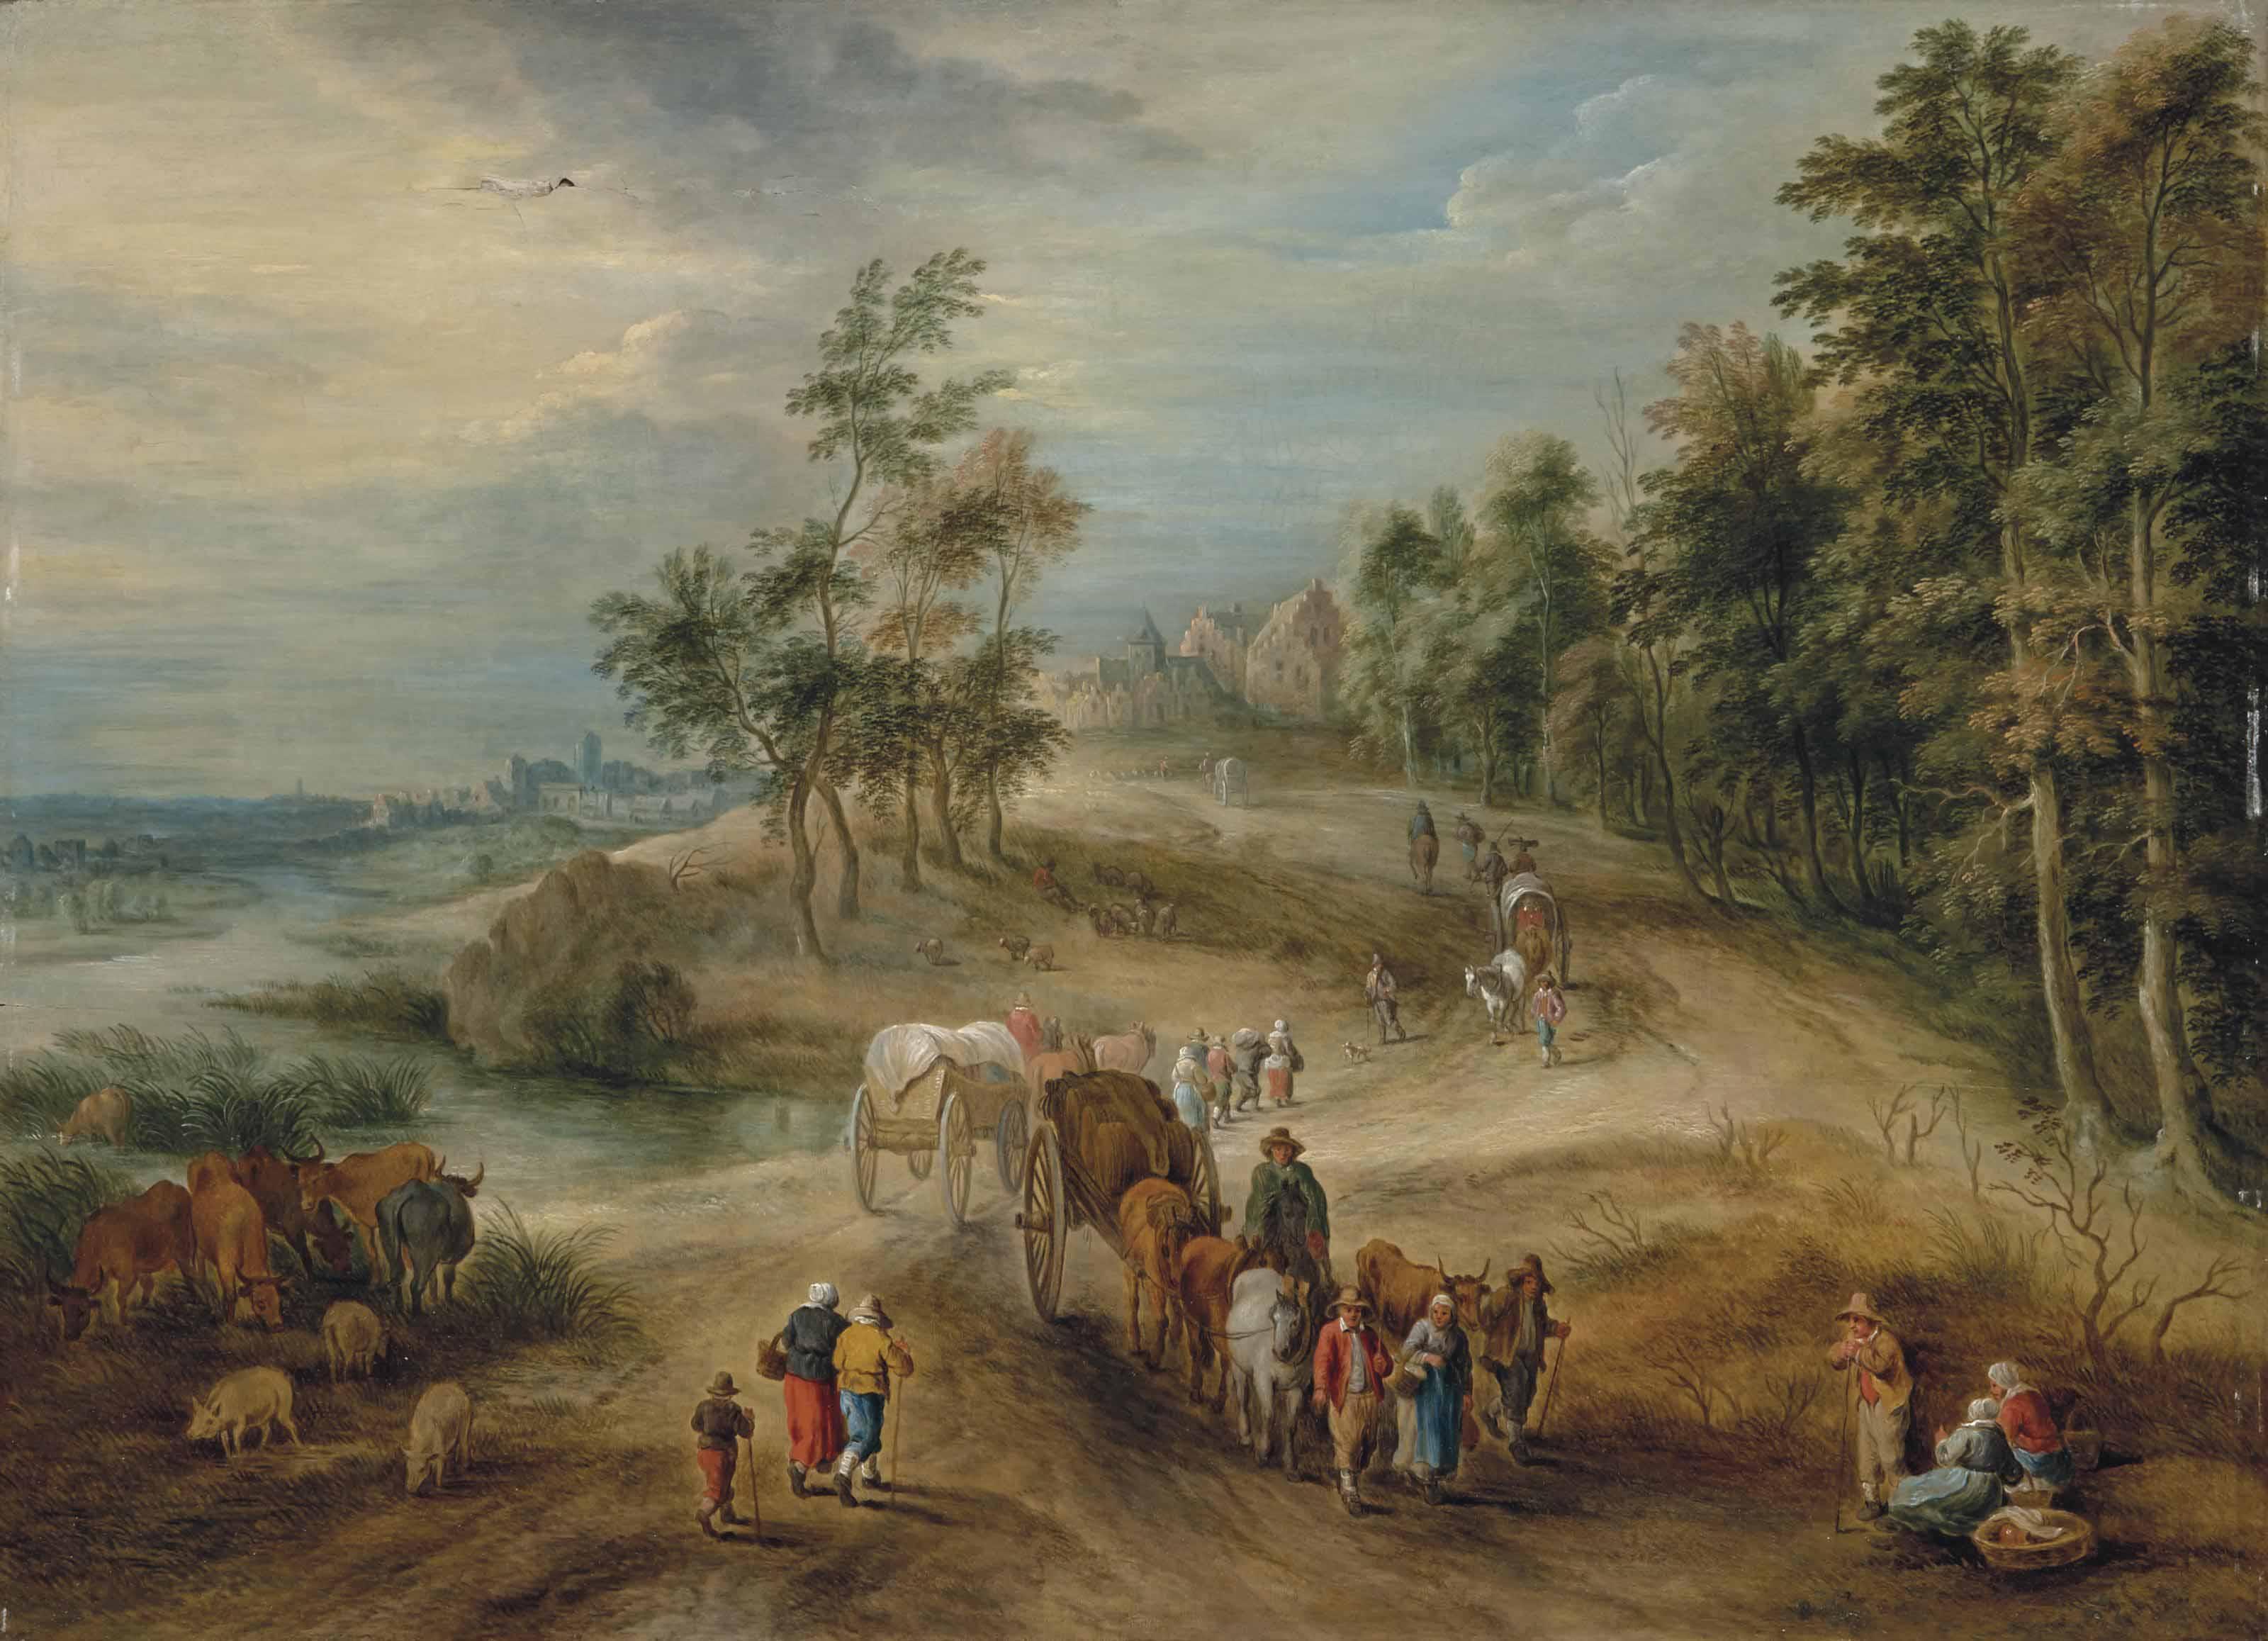 Retour de marché dans la campagne flamande